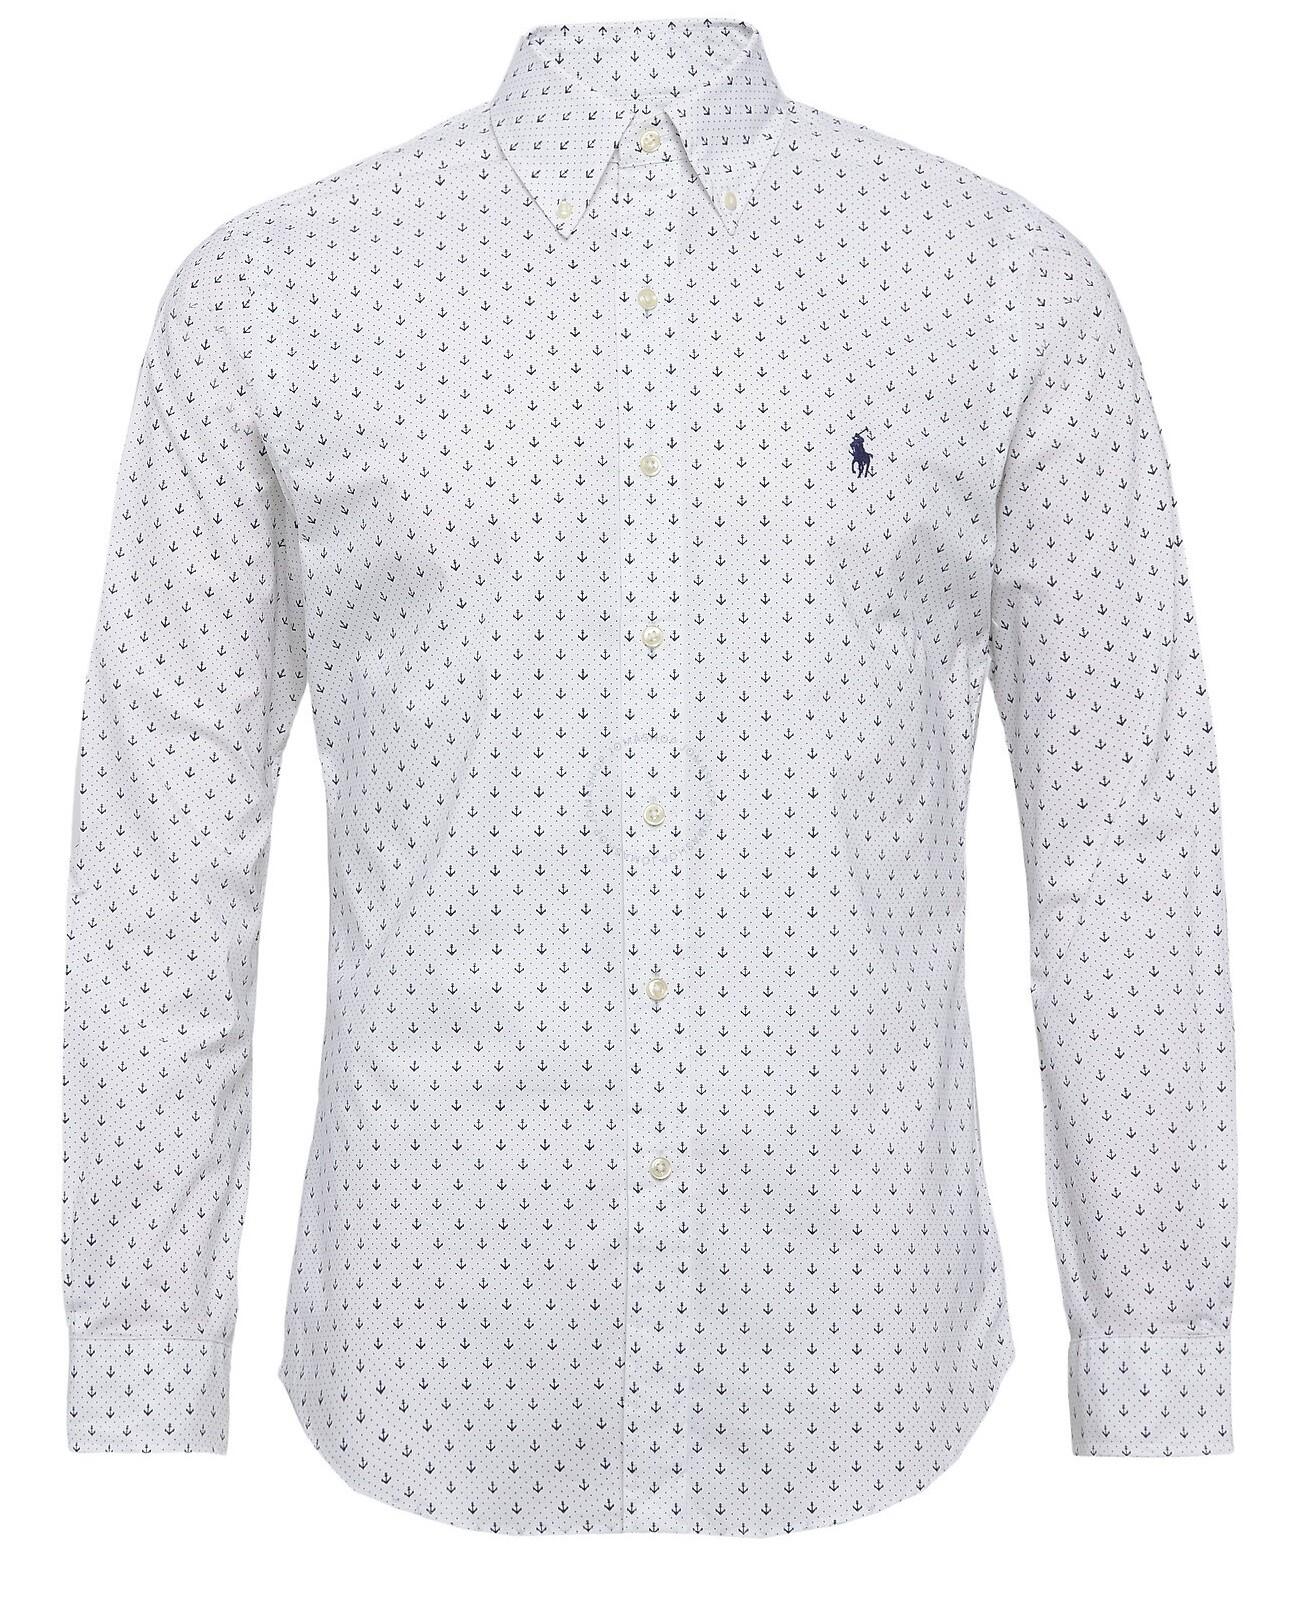 Polo Ralph Lauren Long Sleeve Slim Fit Dot Cotton Poplin Shirt